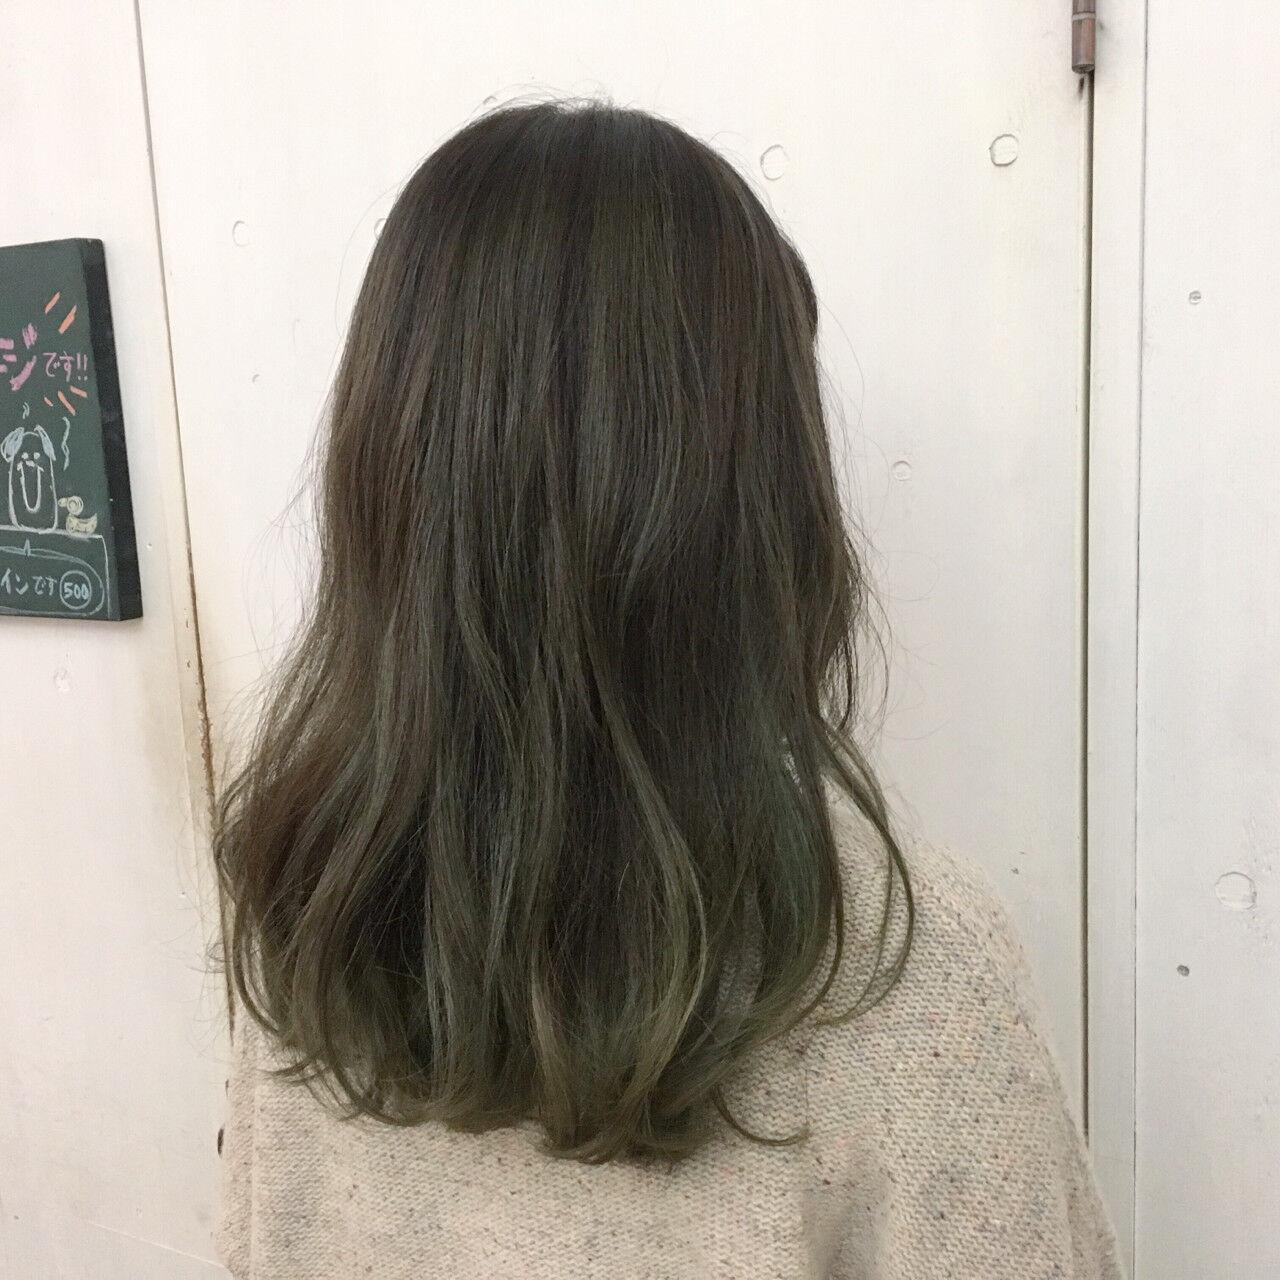 セミロング グレージュ ハイトーン マットヘアスタイルや髪型の写真・画像